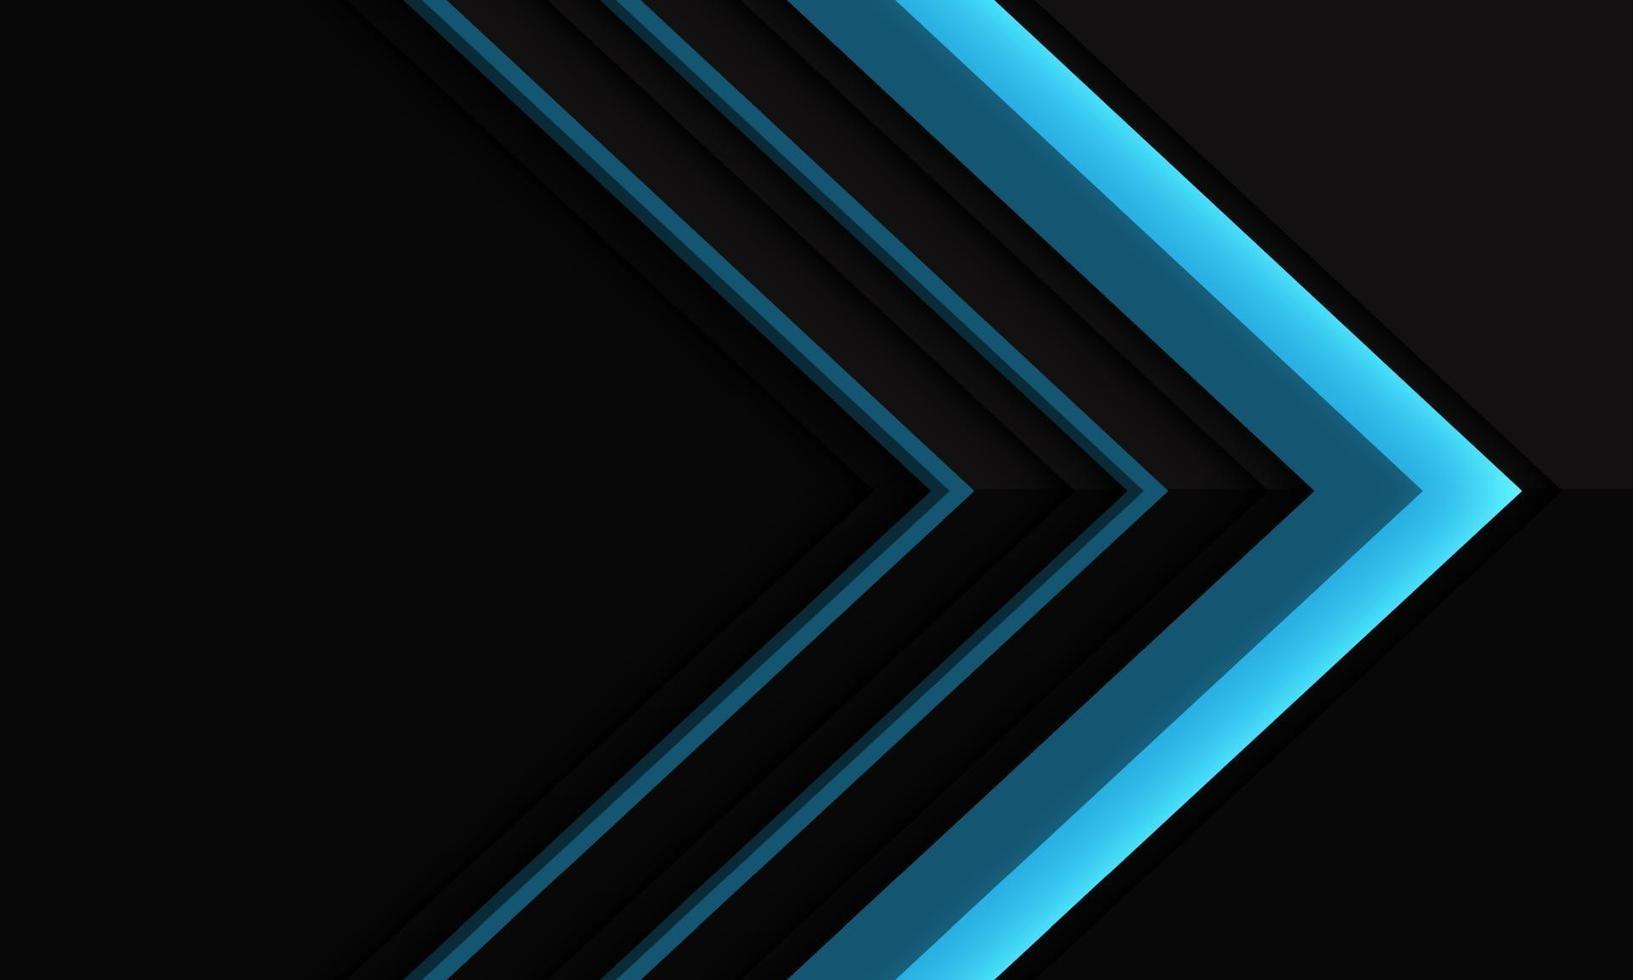 direction de la flèche bleue abstraite sur l'ombre métallique noire avec illustration vectorielle de conception d'espace vide fond futuriste moderne. vecteur